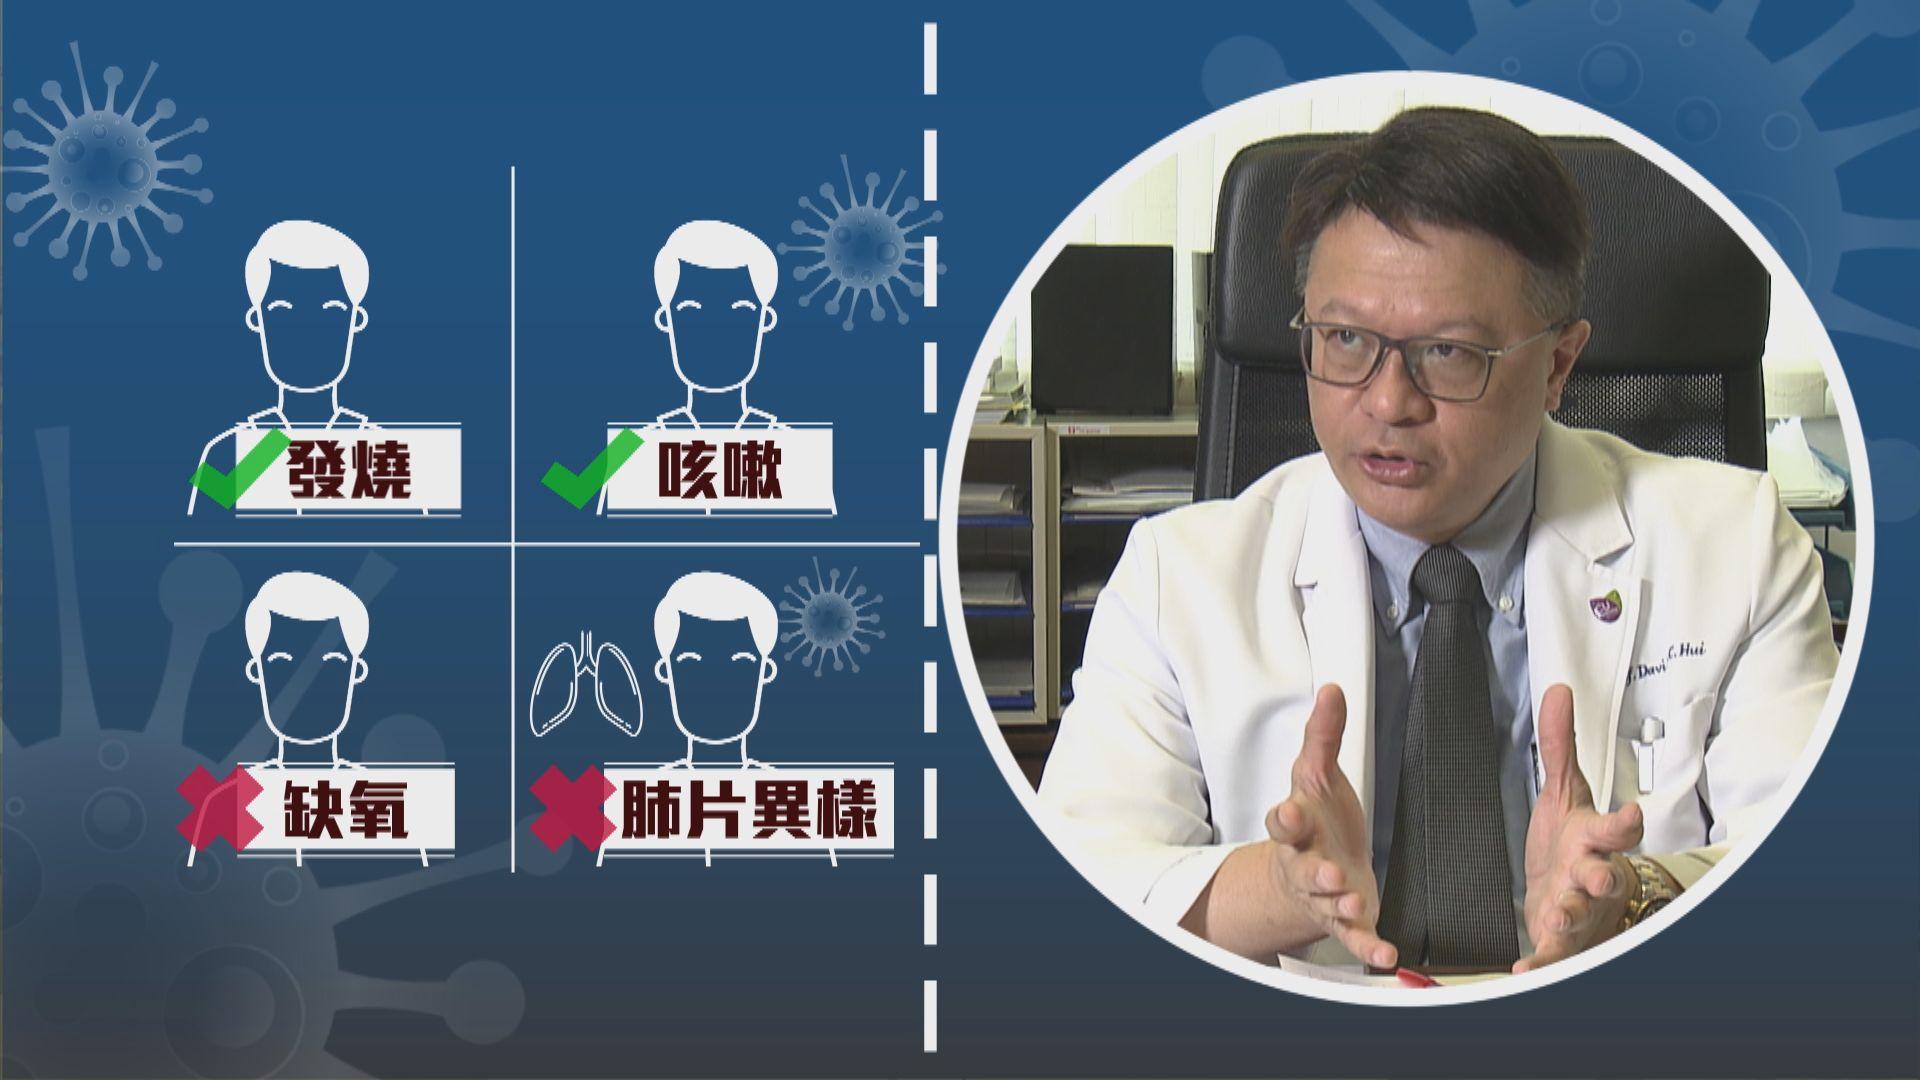 【抗疫一分鐘】新型肺炎治療方法